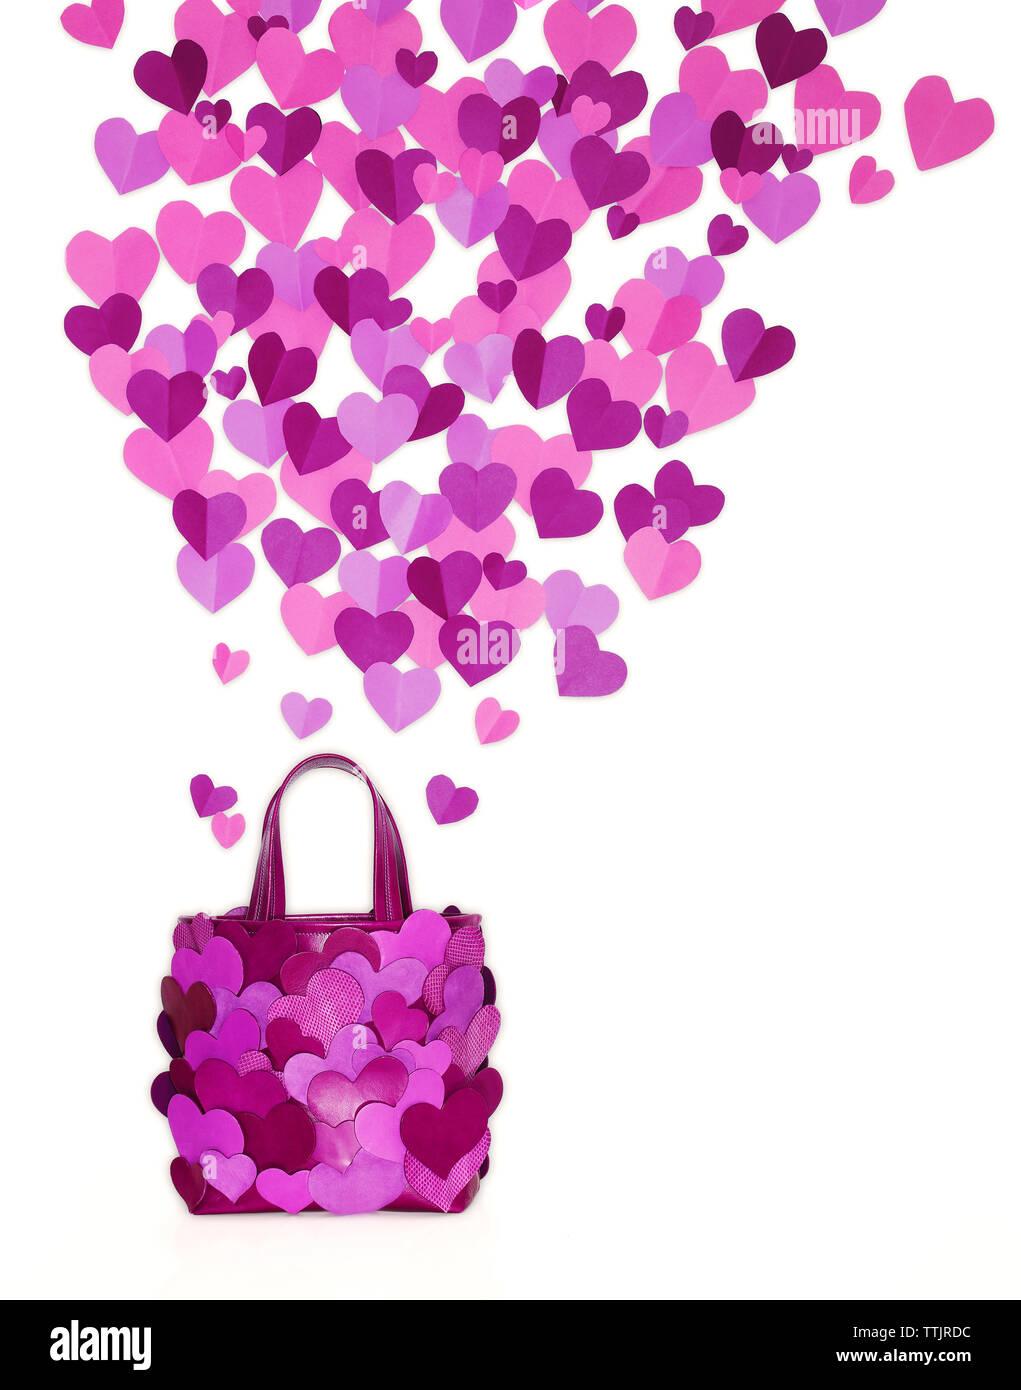 Viola il borsellino con cuore forme su sfondo bianco Immagini Stock